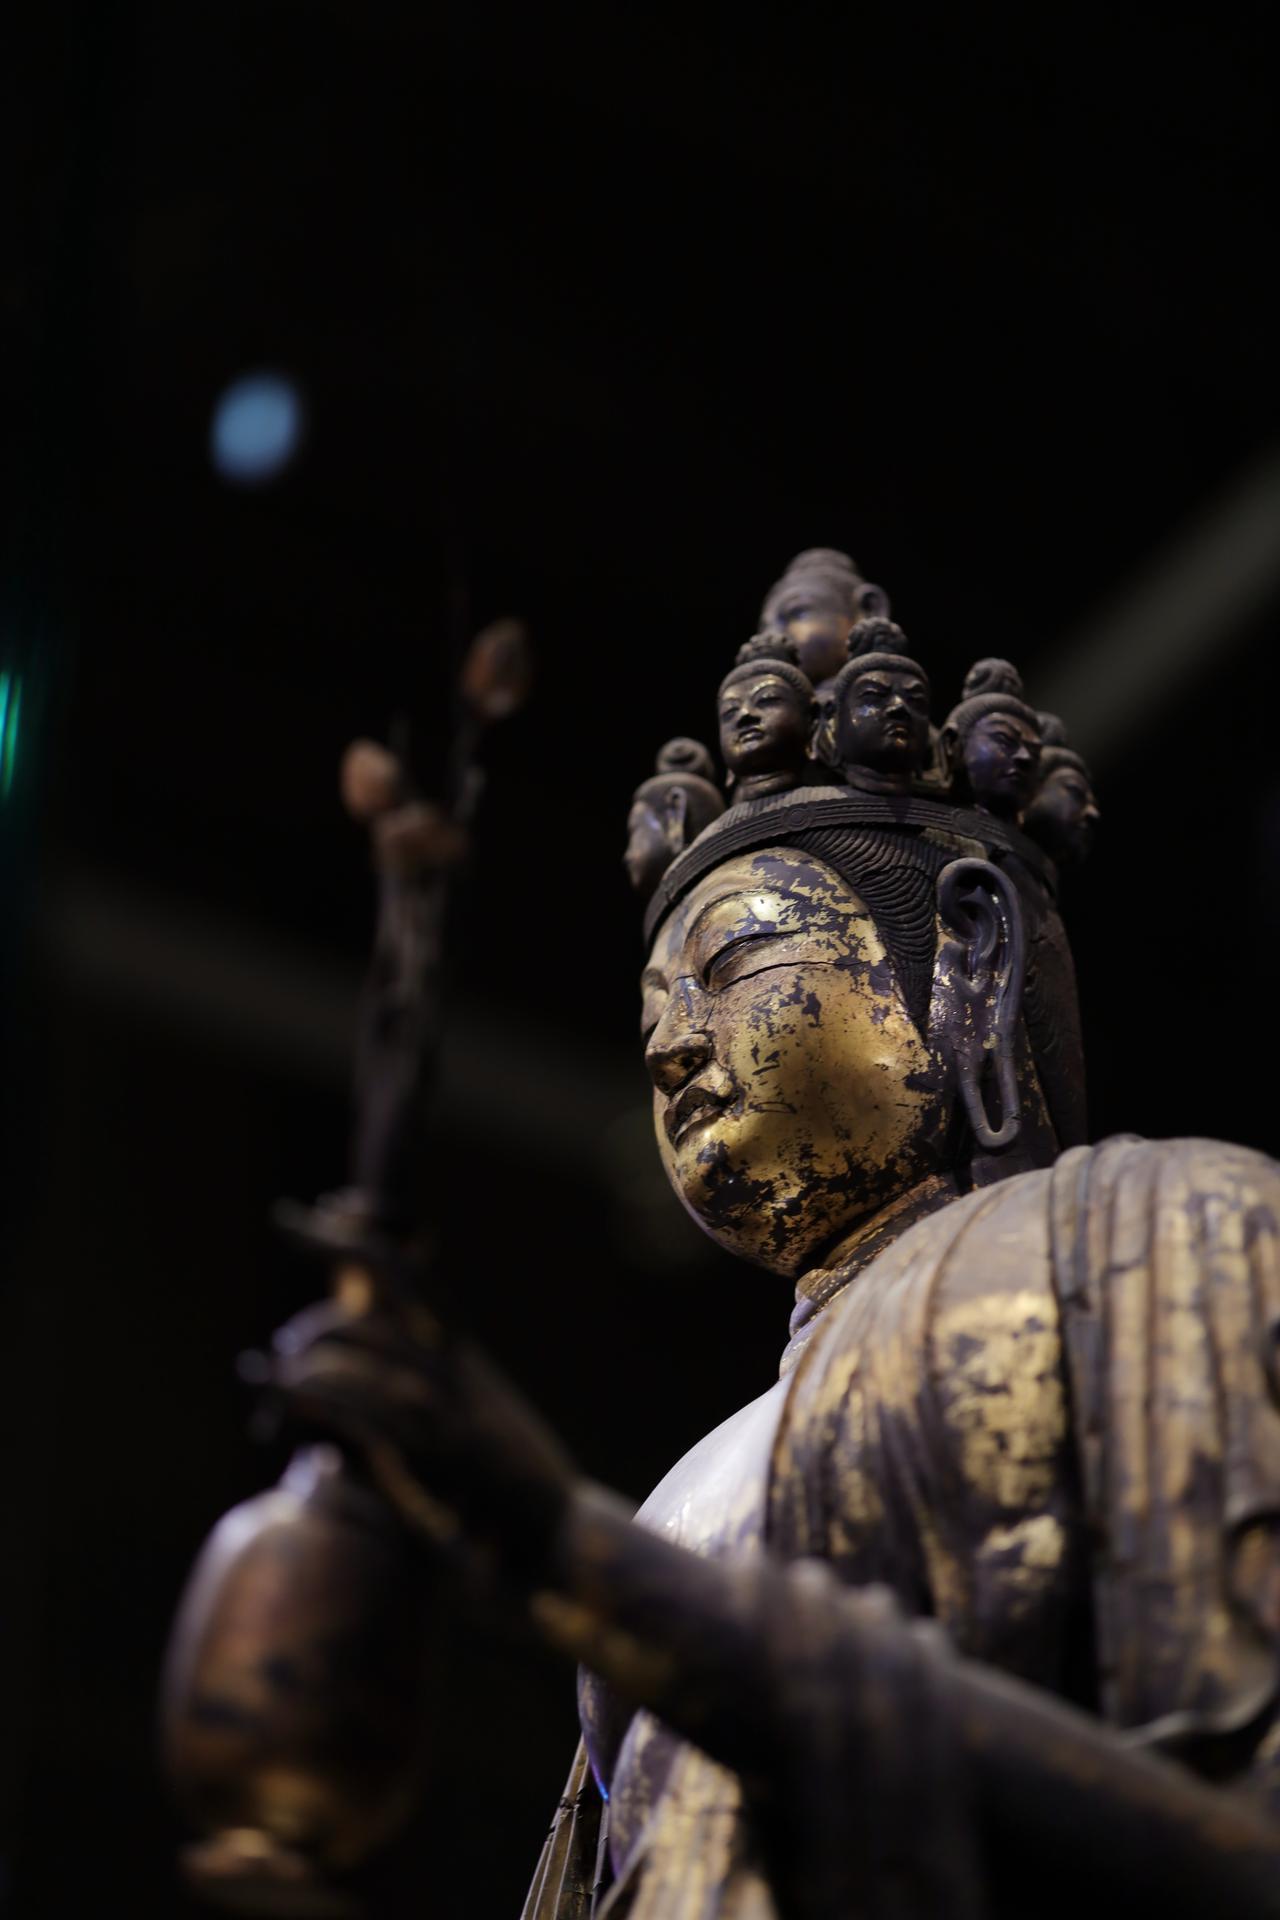 画像2: 国宝 十一面観音菩薩立像 (部分) 奈良時代・8世紀 奈良・聖林寺蔵